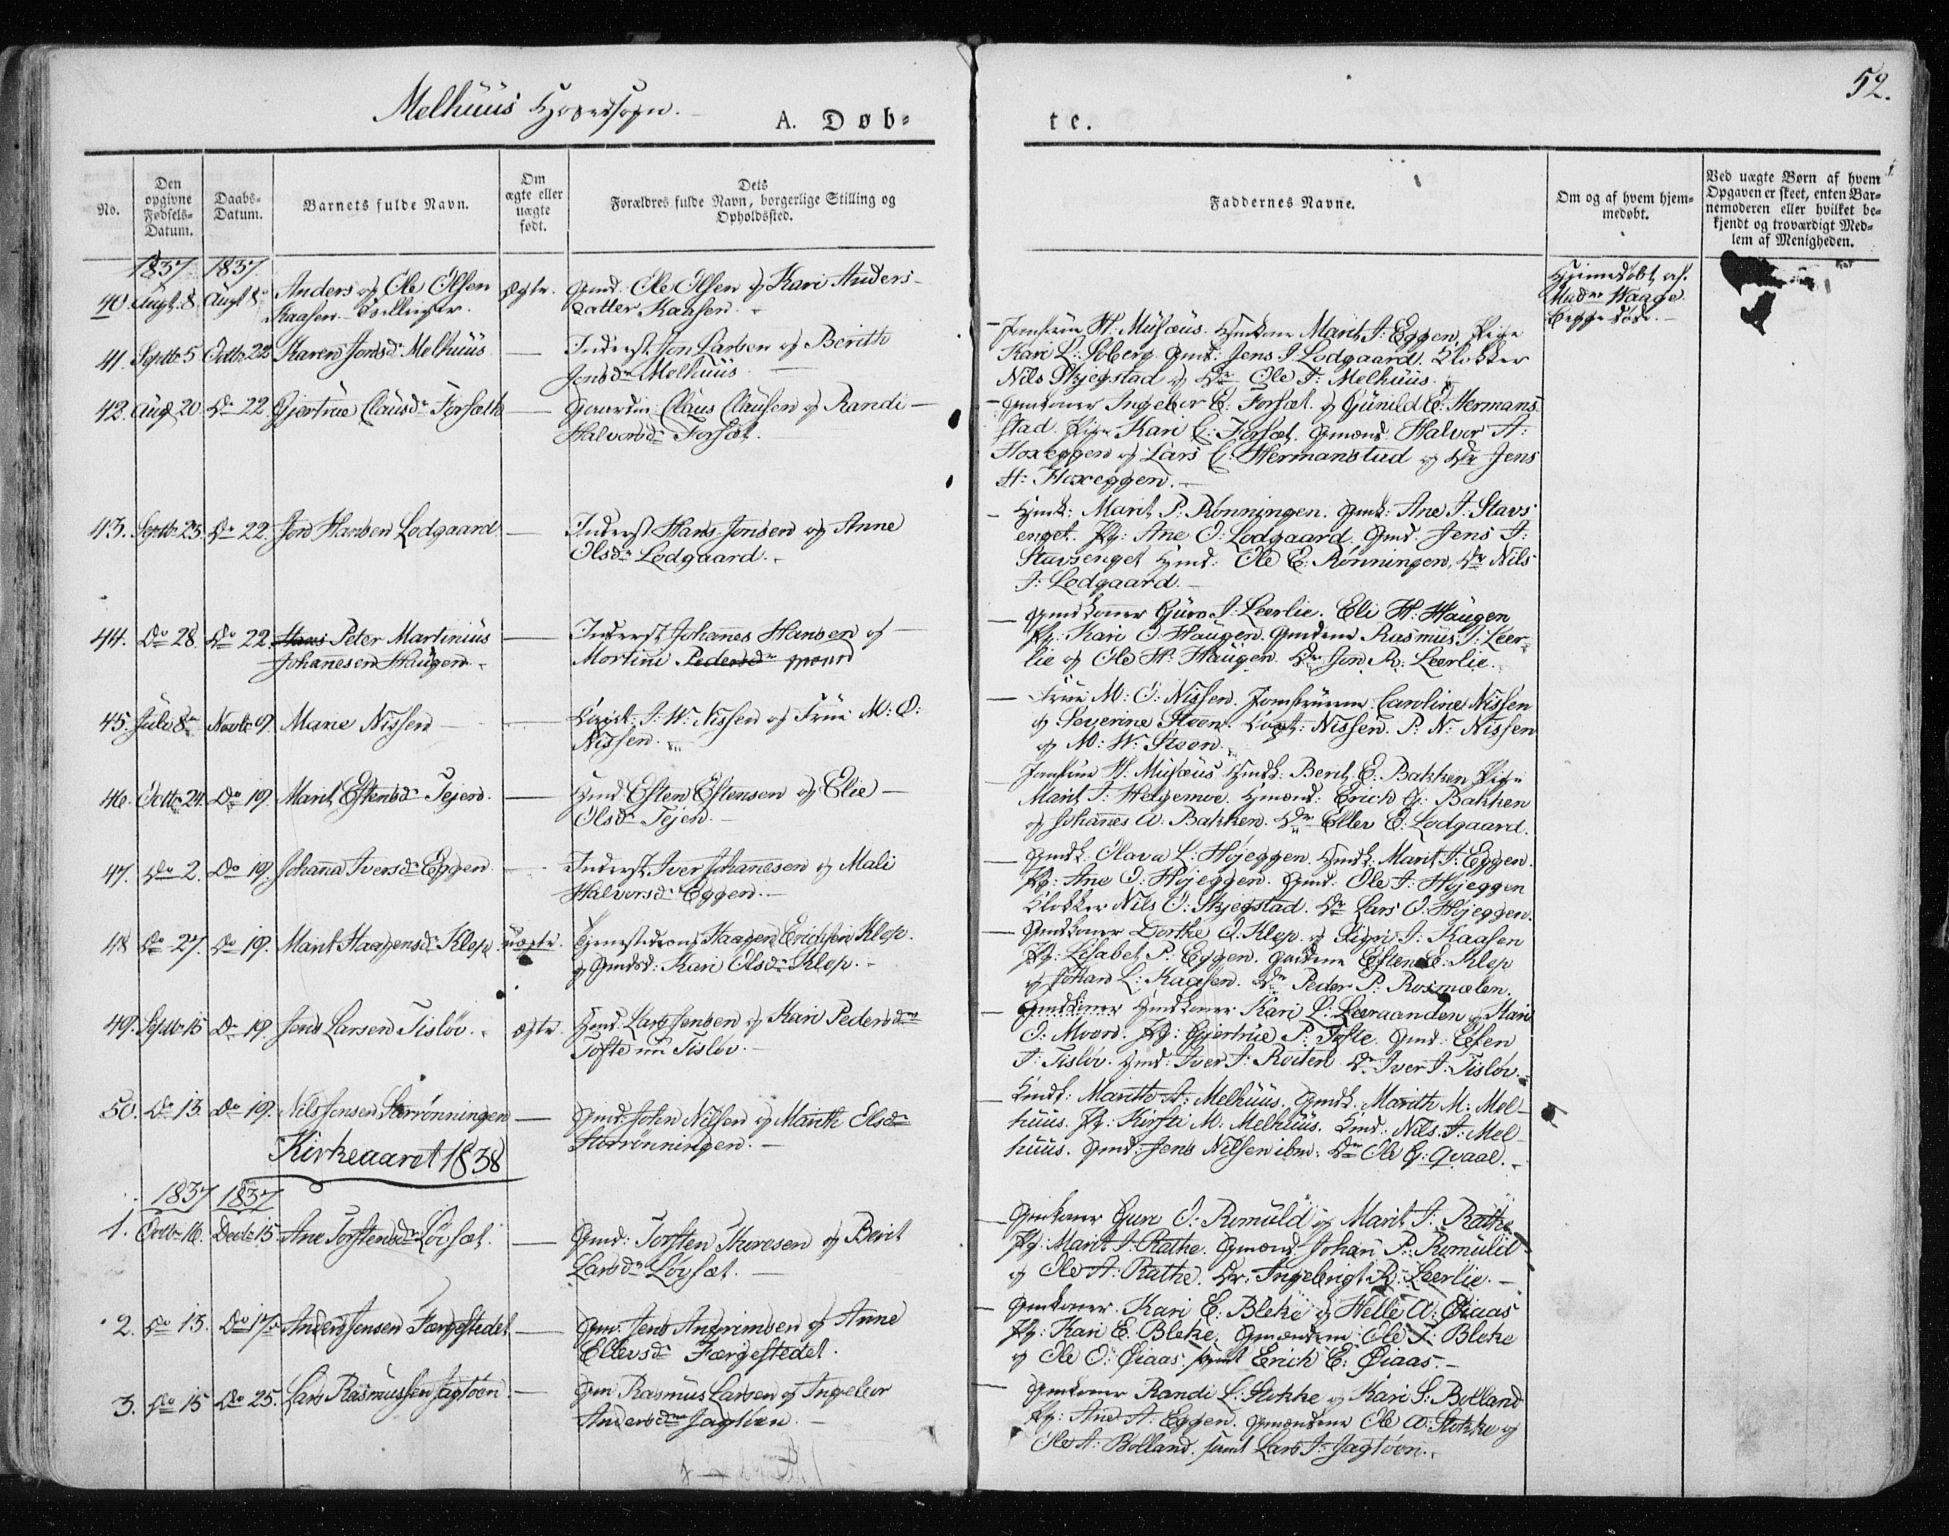 SAT, Ministerialprotokoller, klokkerbøker og fødselsregistre - Sør-Trøndelag, 691/L1069: Ministerialbok nr. 691A04, 1826-1841, s. 52